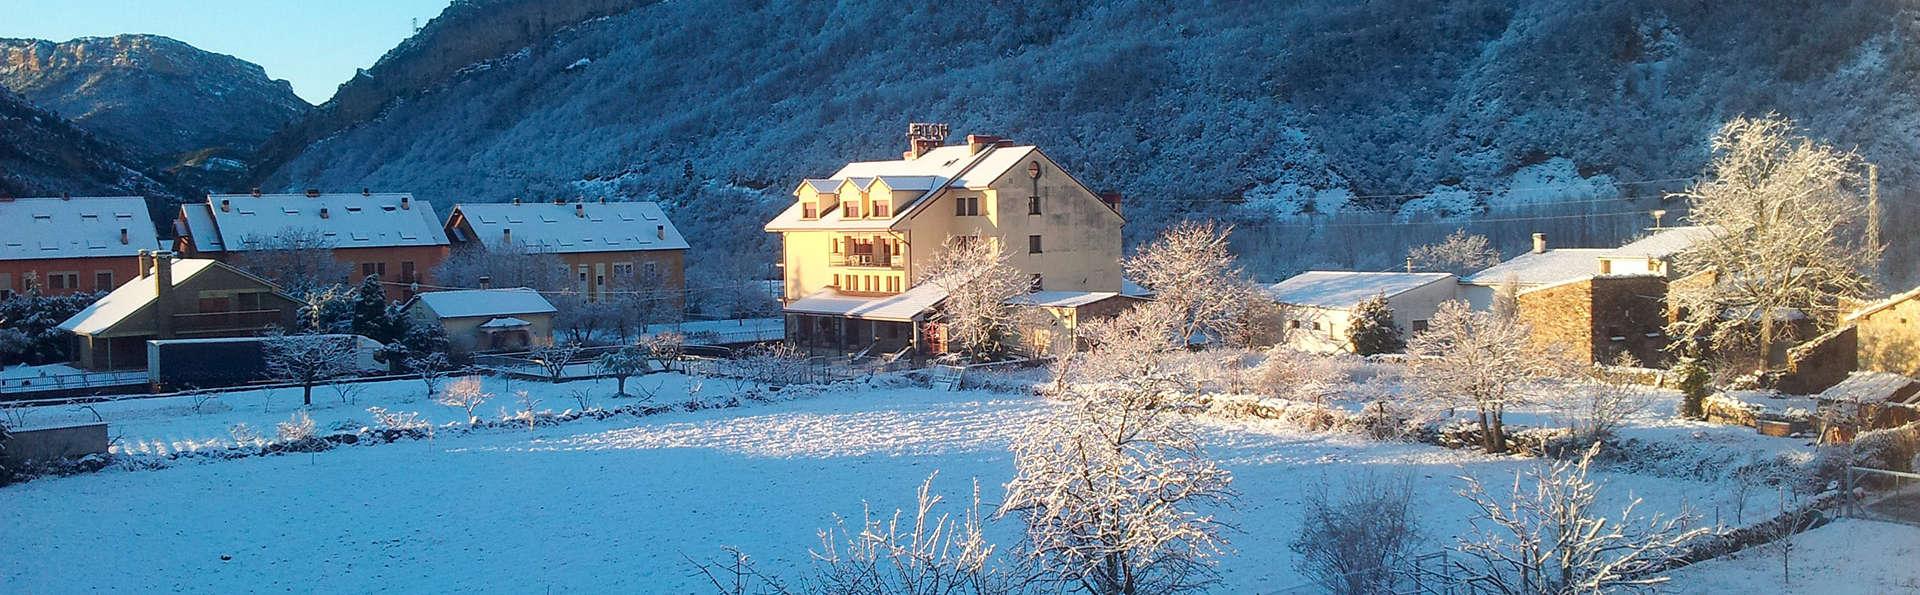 Hotel Cotiella - EDIT_view.jpg